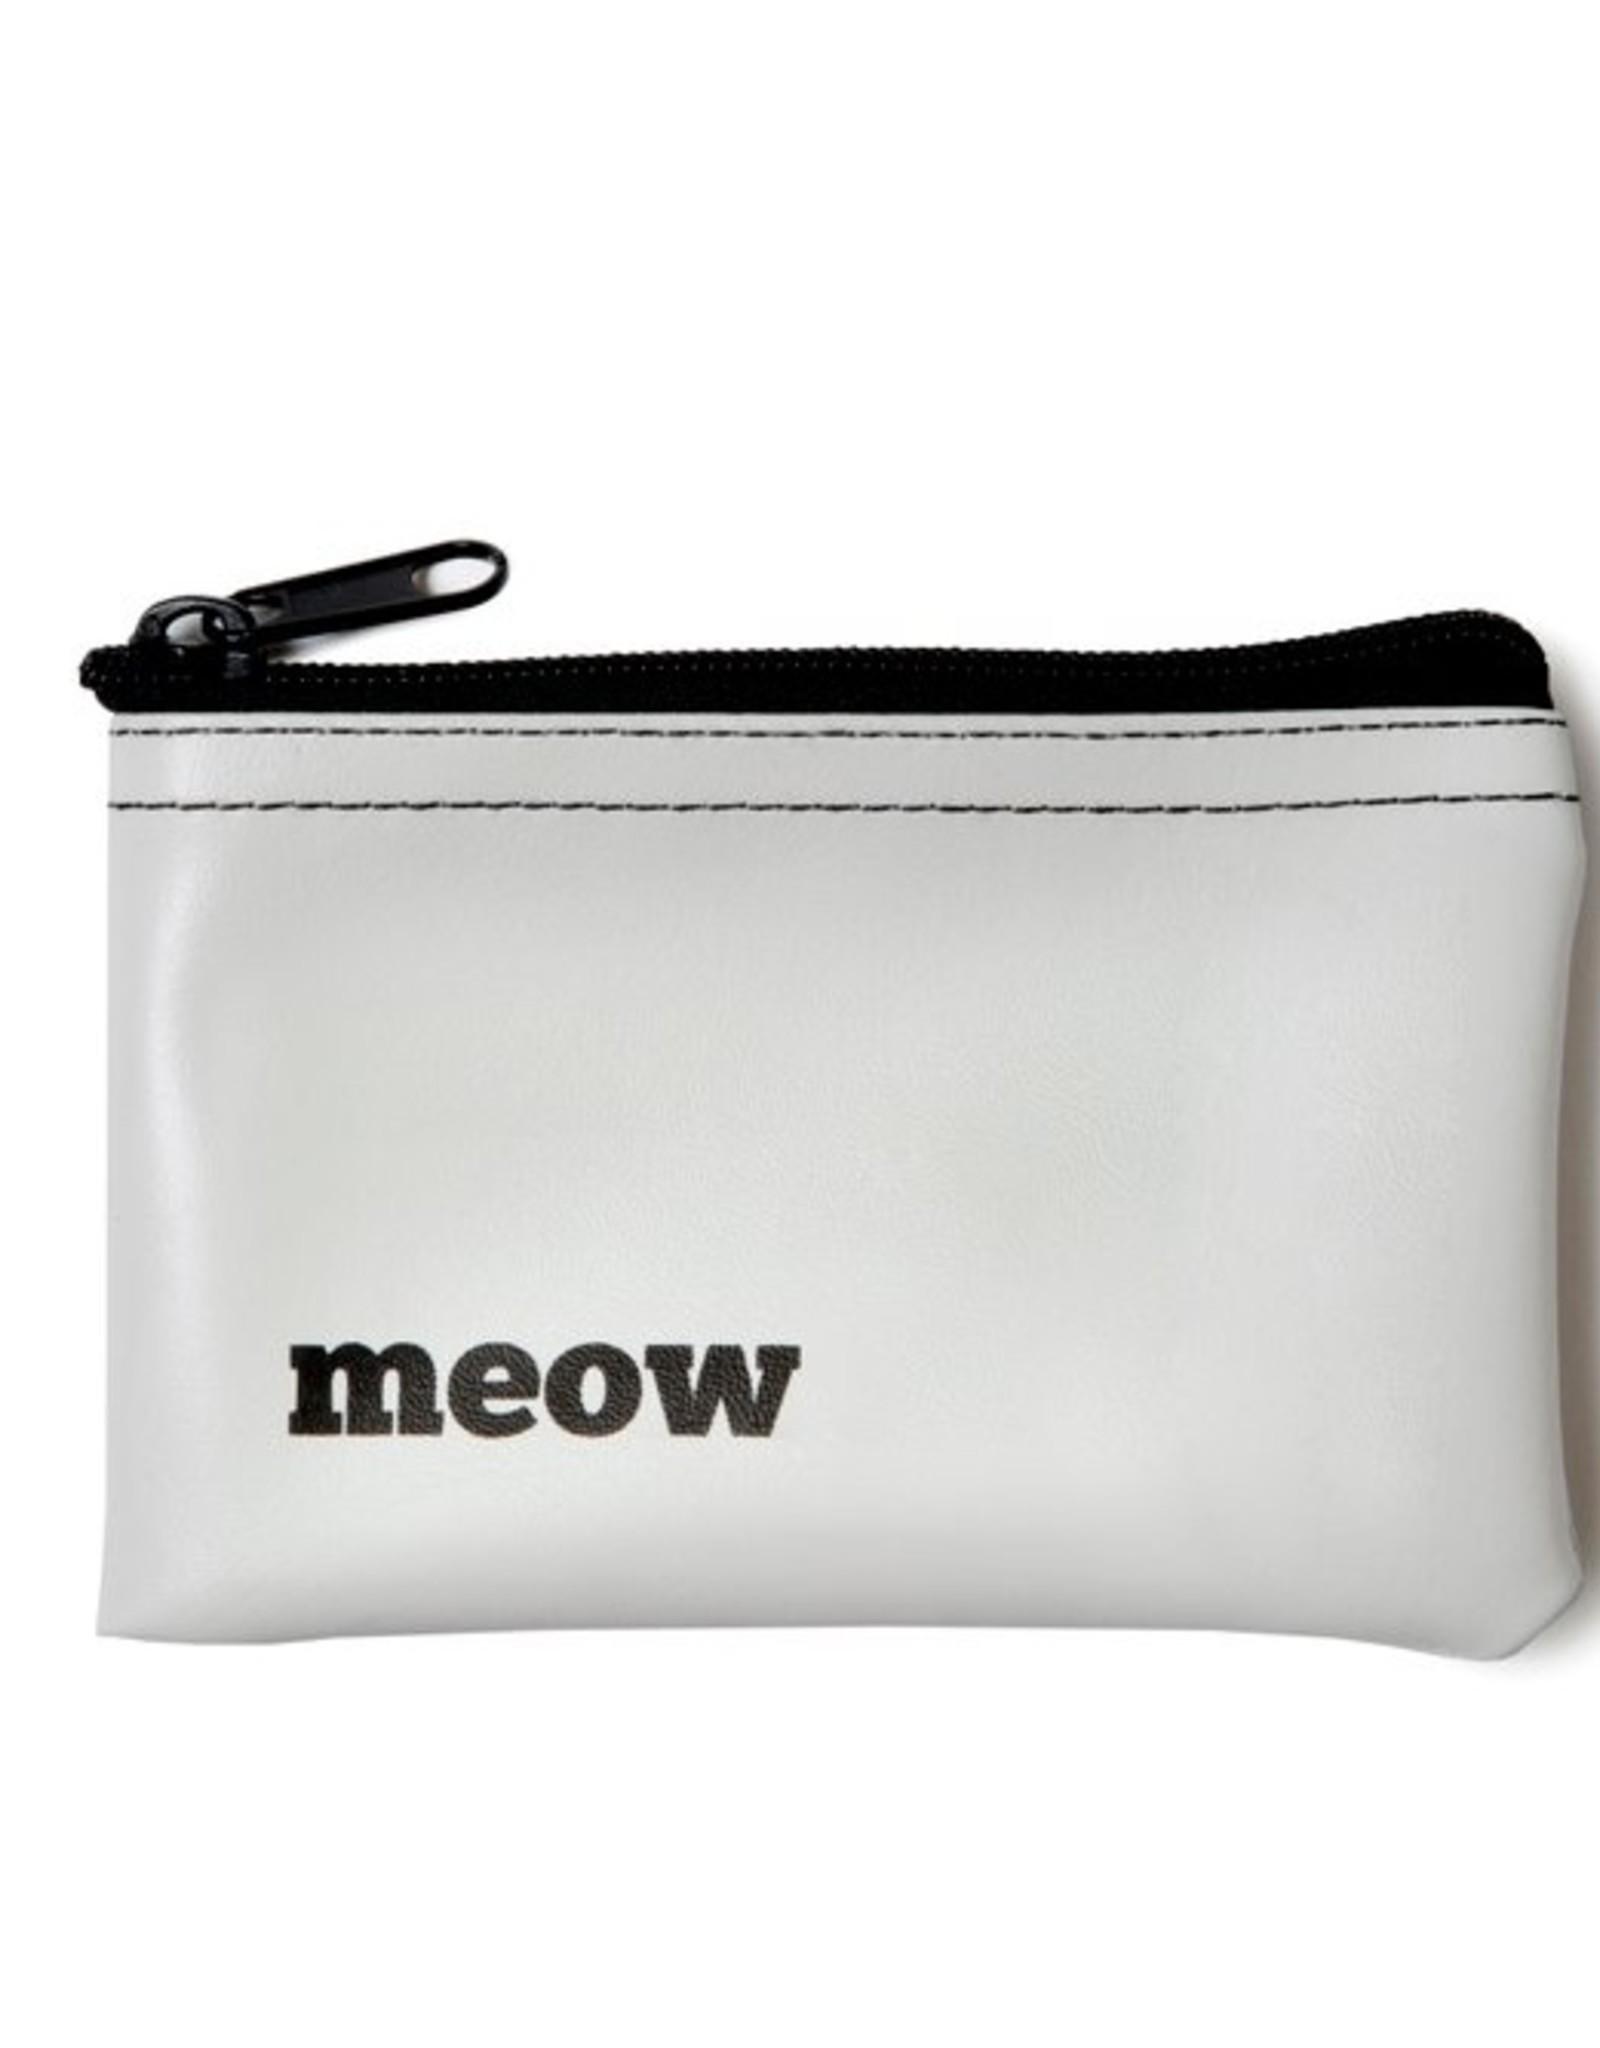 He Said She Said Pouch: Meow